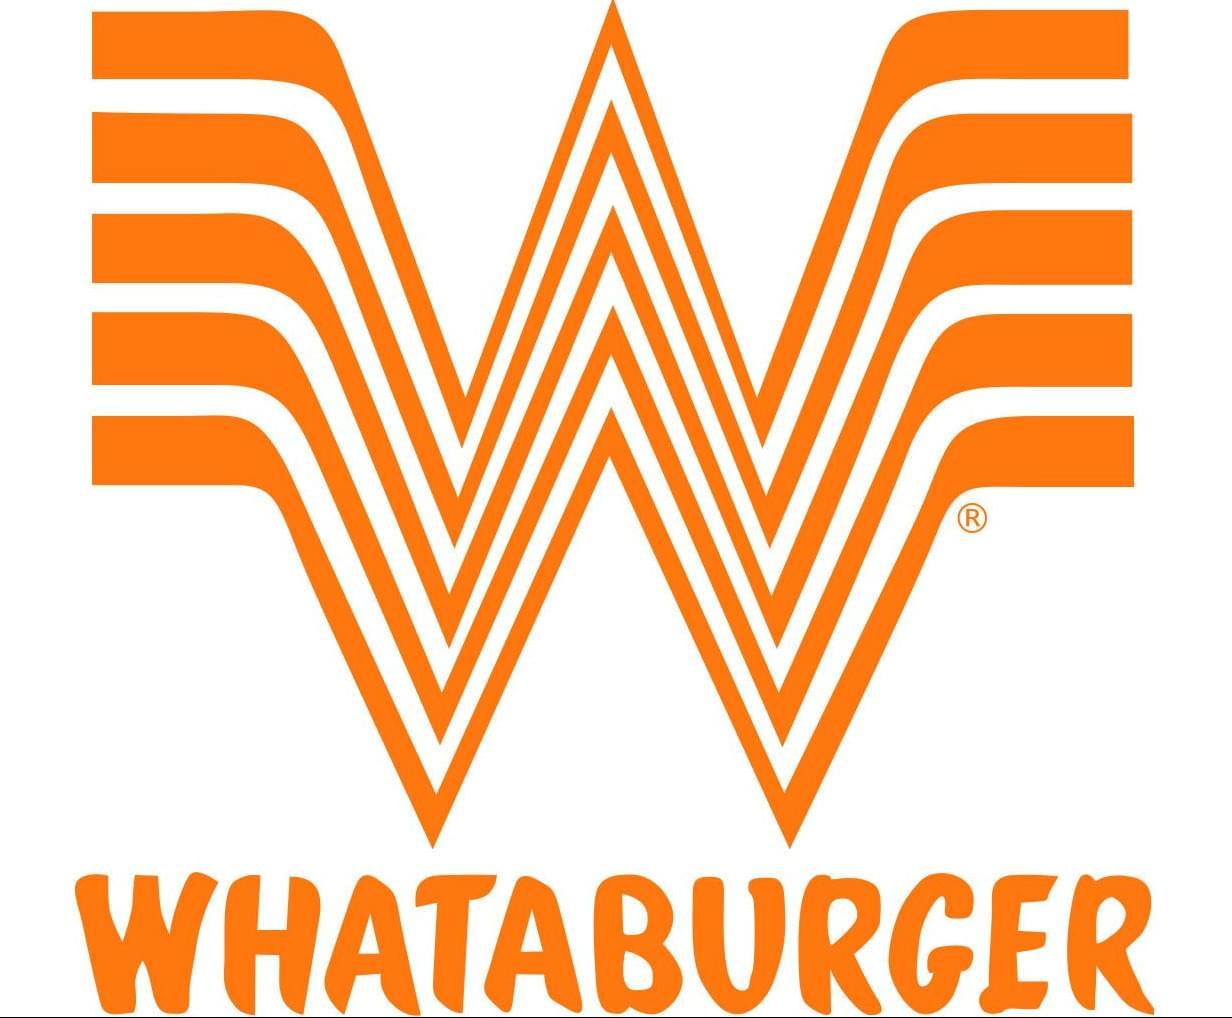 WIN a Whataburger Gift Card!